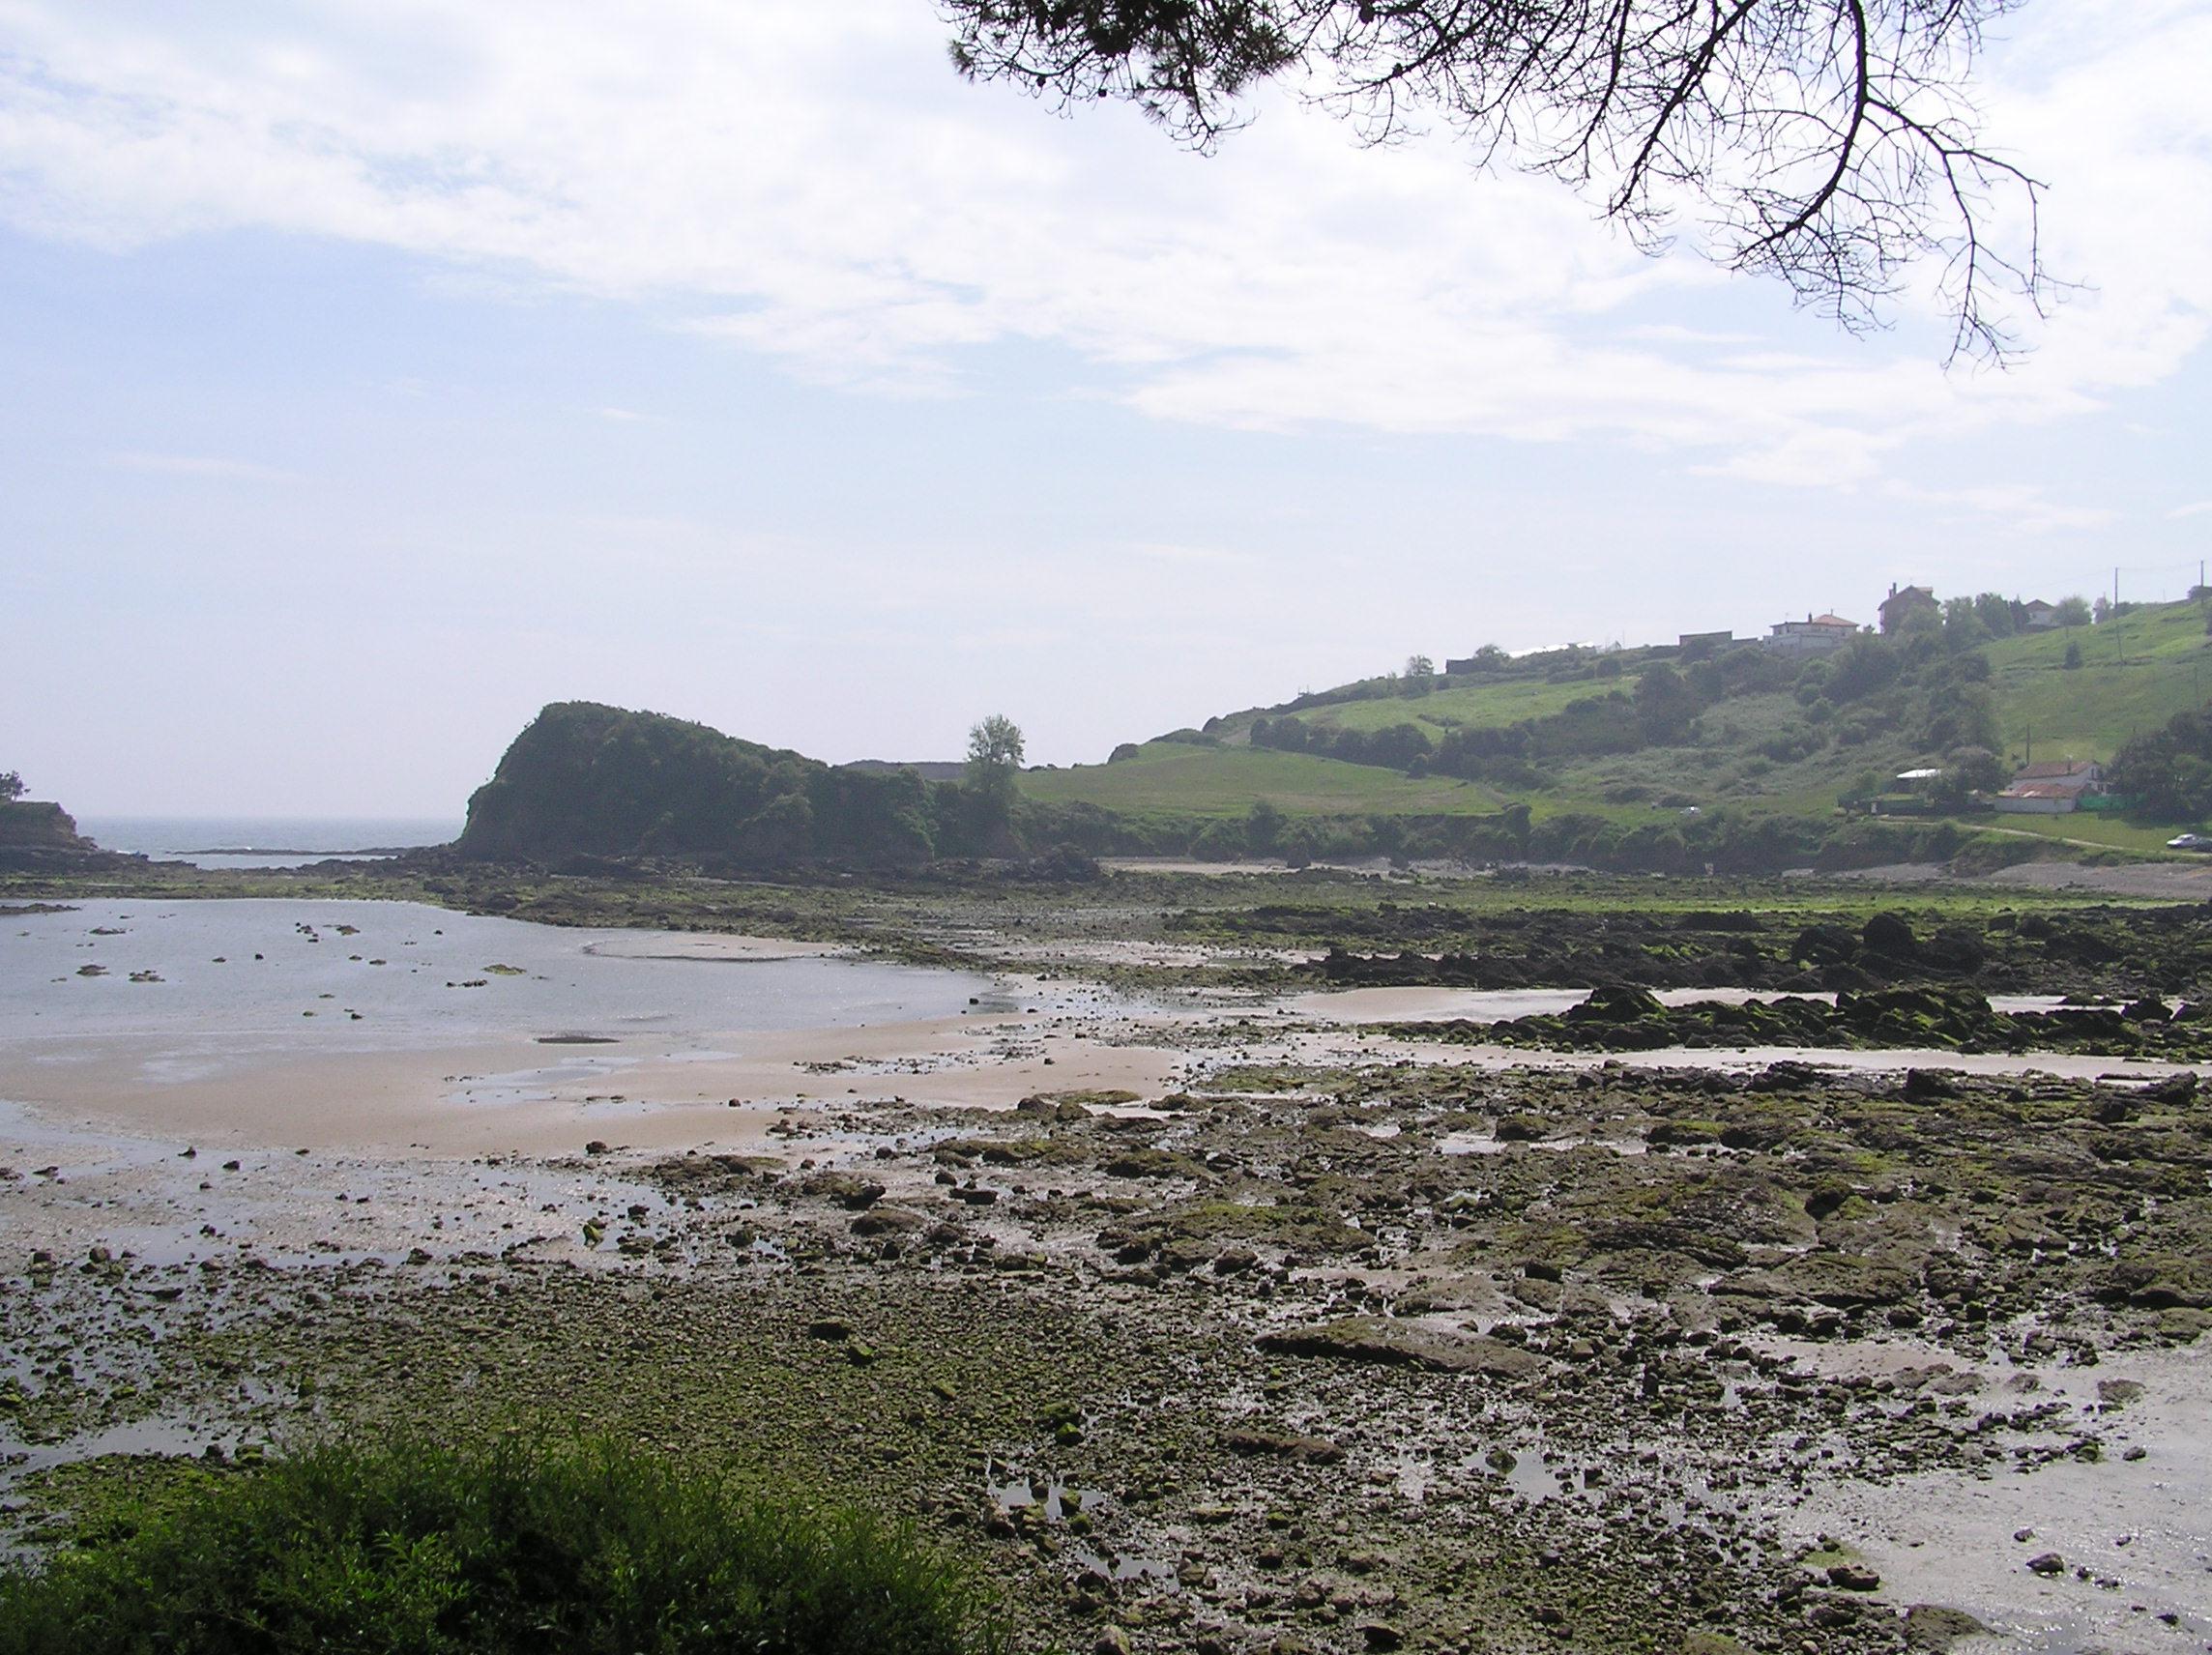 Playa Gargantera